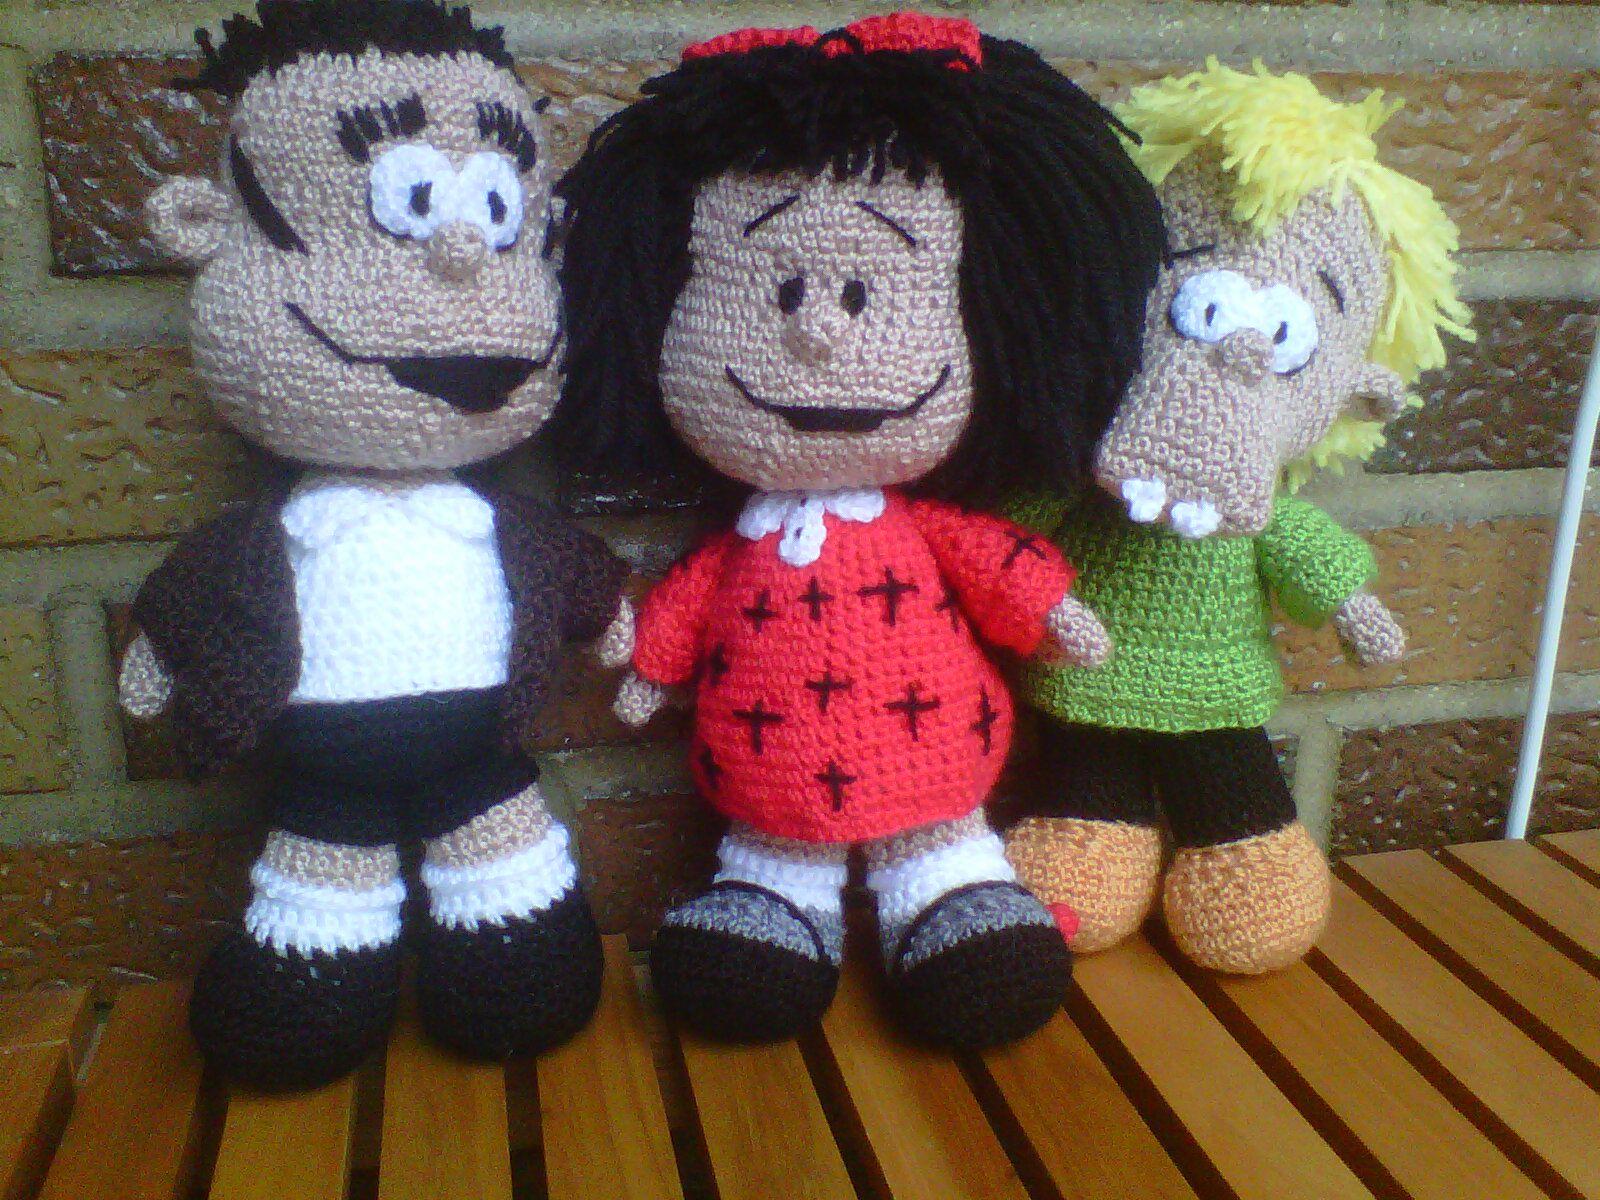 Amigurumi Crochet Personajes : Manolito mafalda y felipe amigurumis personajes